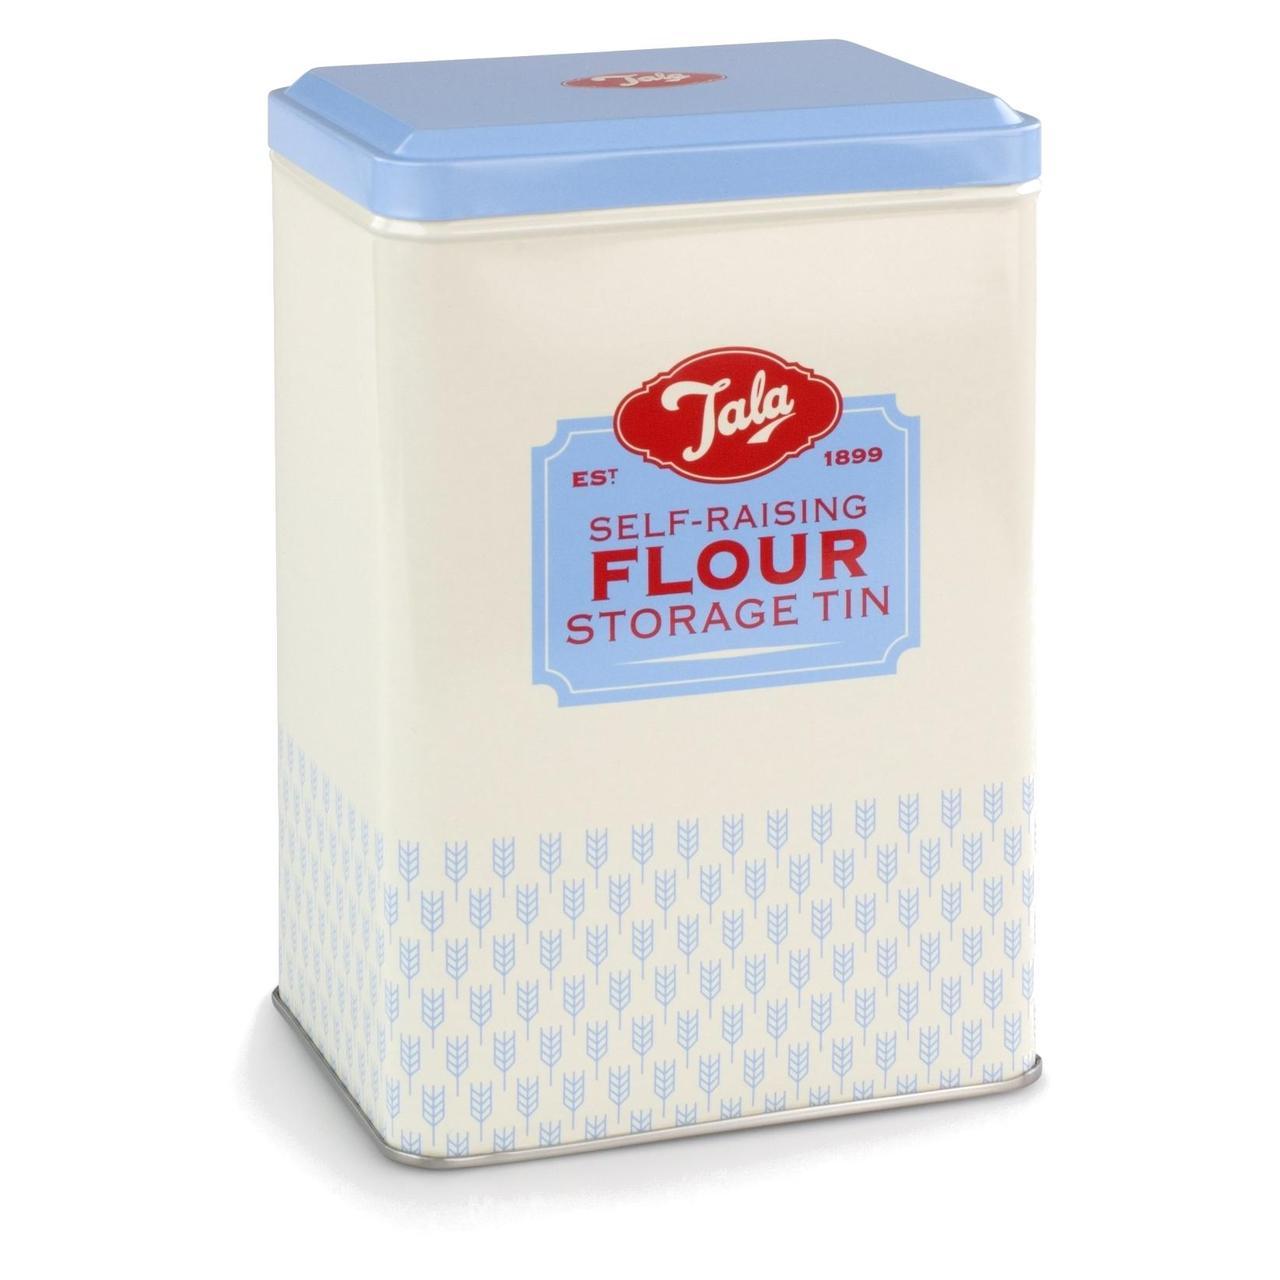 Raising flour